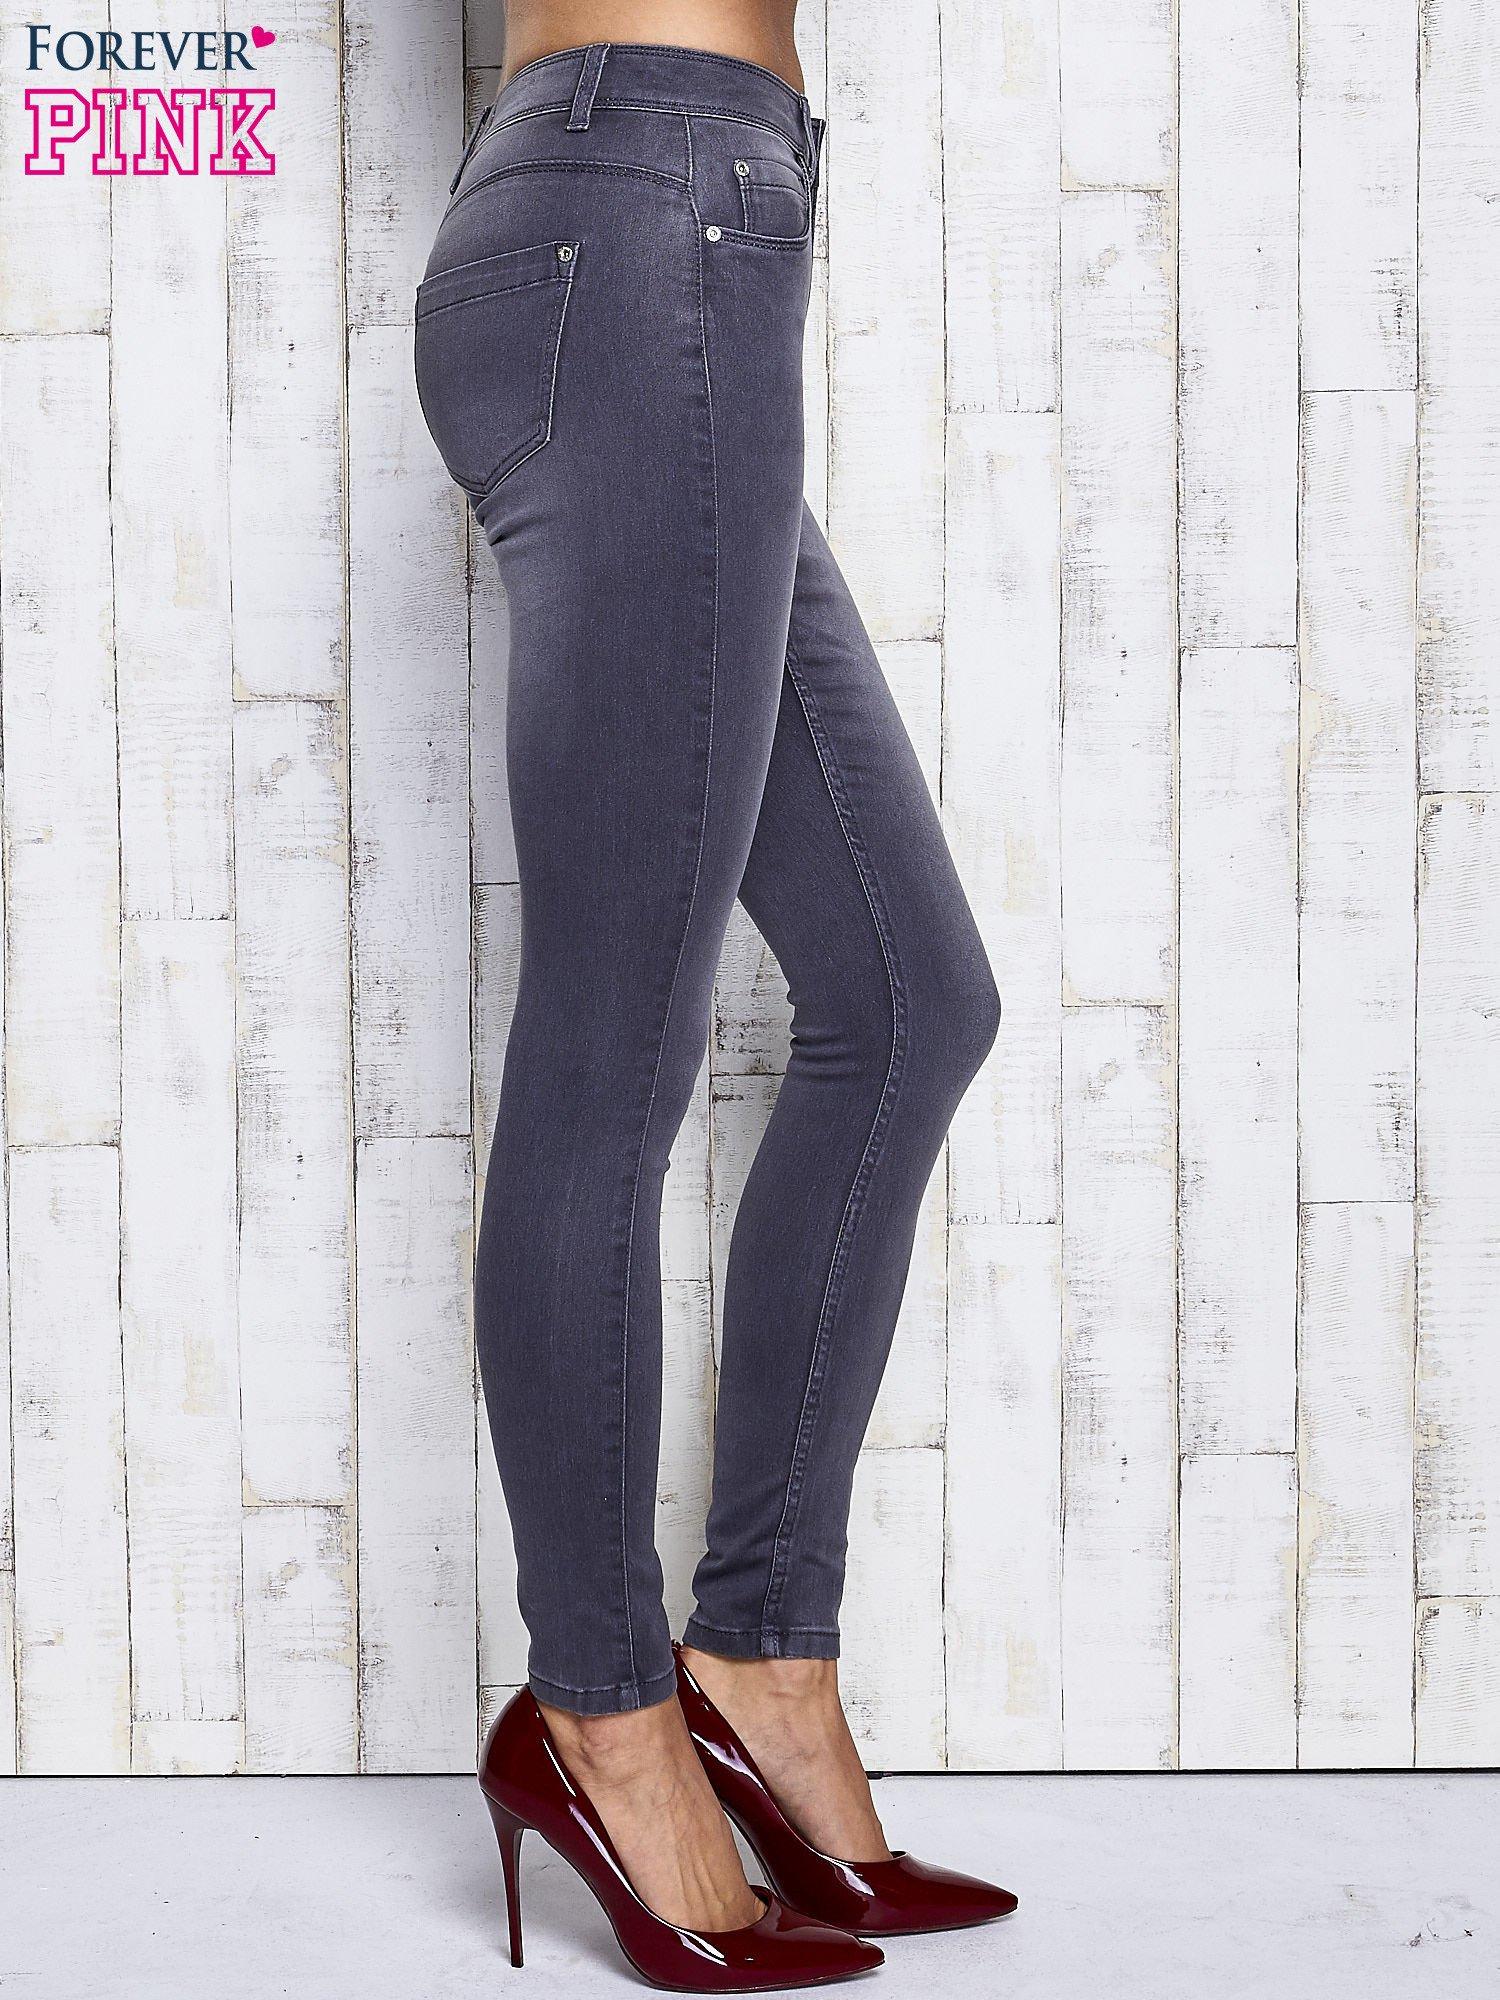 Szare dopasowane spodnie jeansowe                                   zdj.                                  3